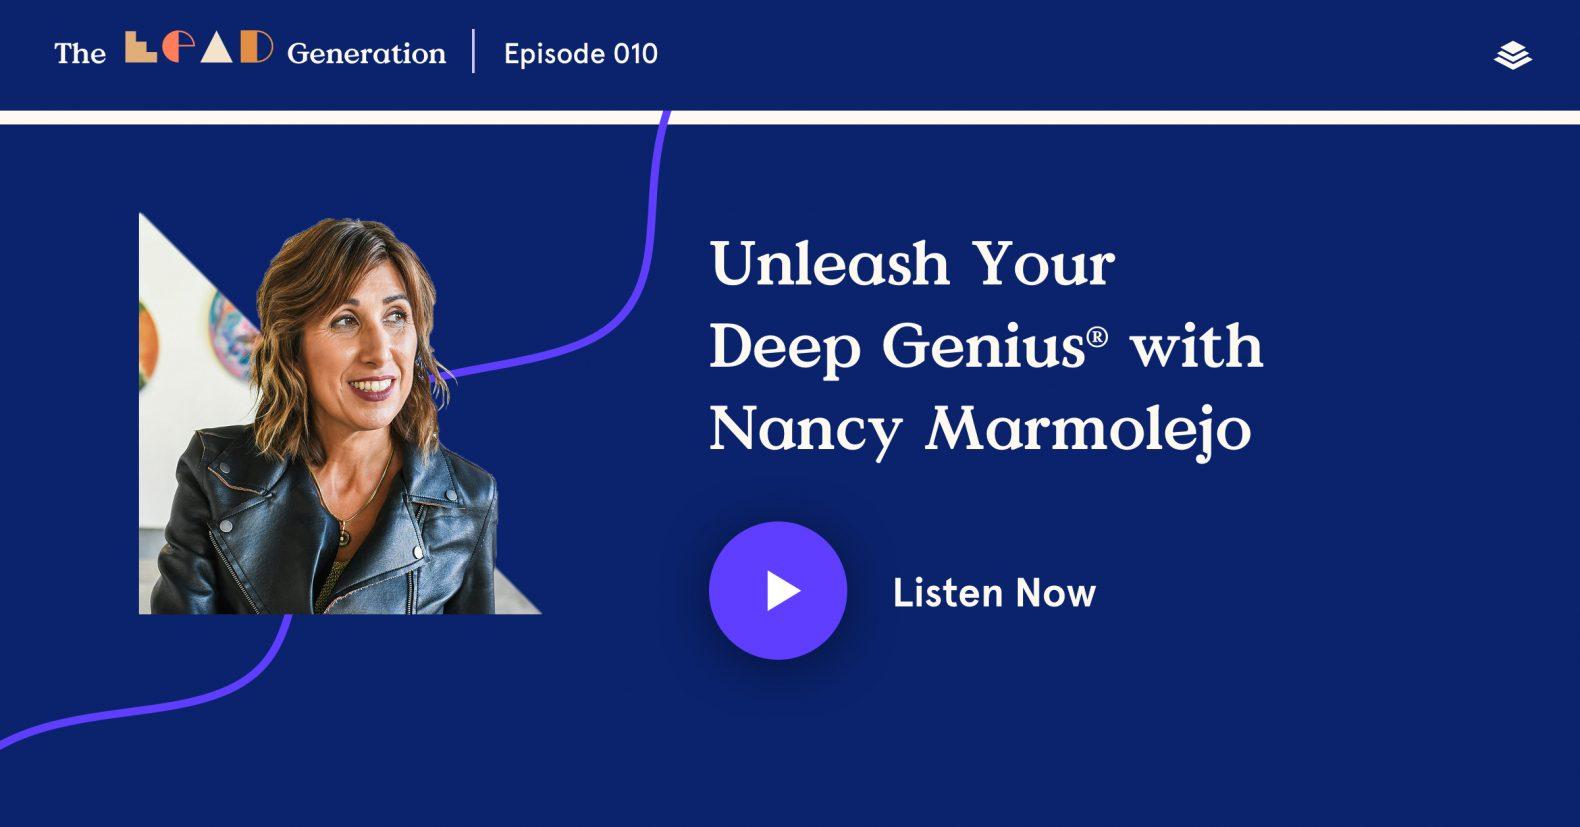 Nancy Marmolejo Deep Genius